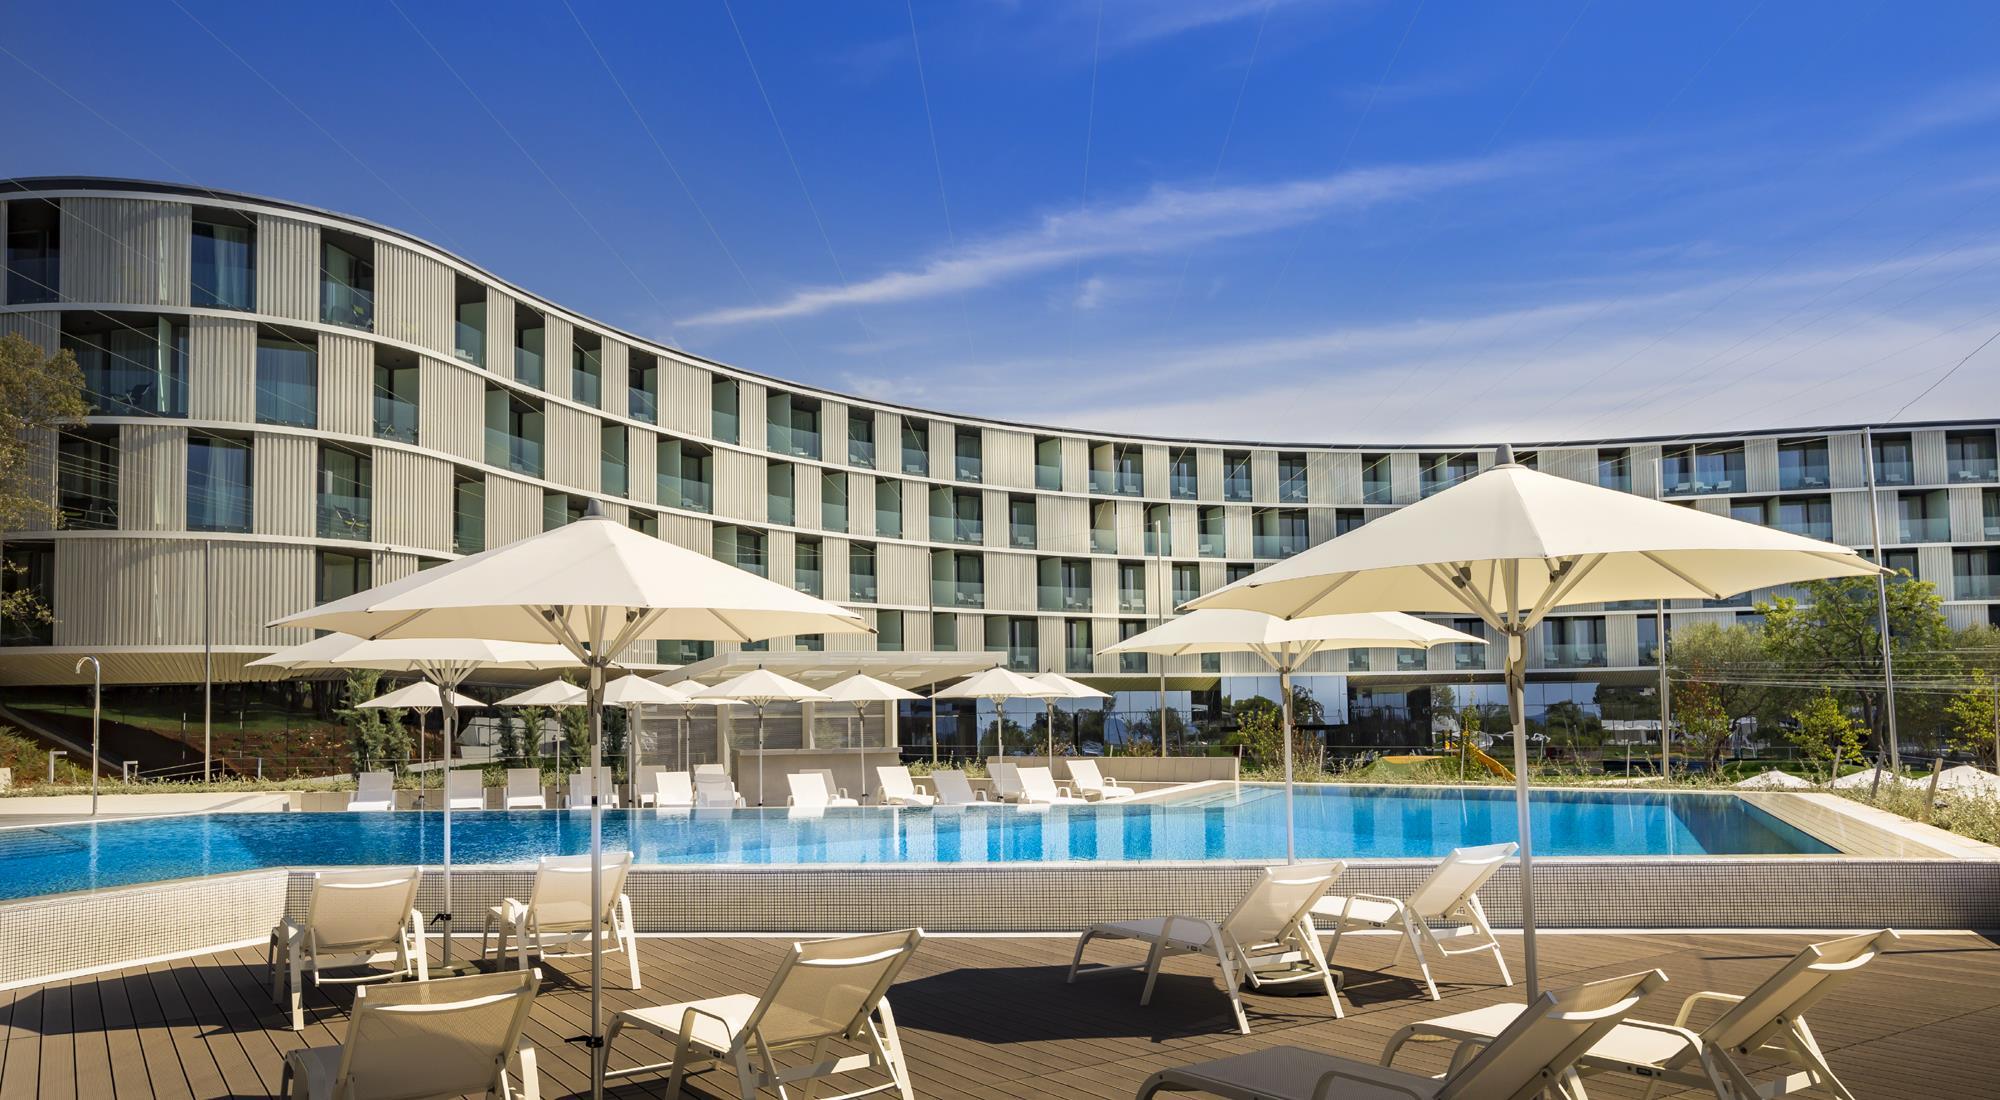 https://alukoenigstahl.md/wp-content/uploads/sites/4/2020/09/Hotel-Amarin-ref2-gross.jpg